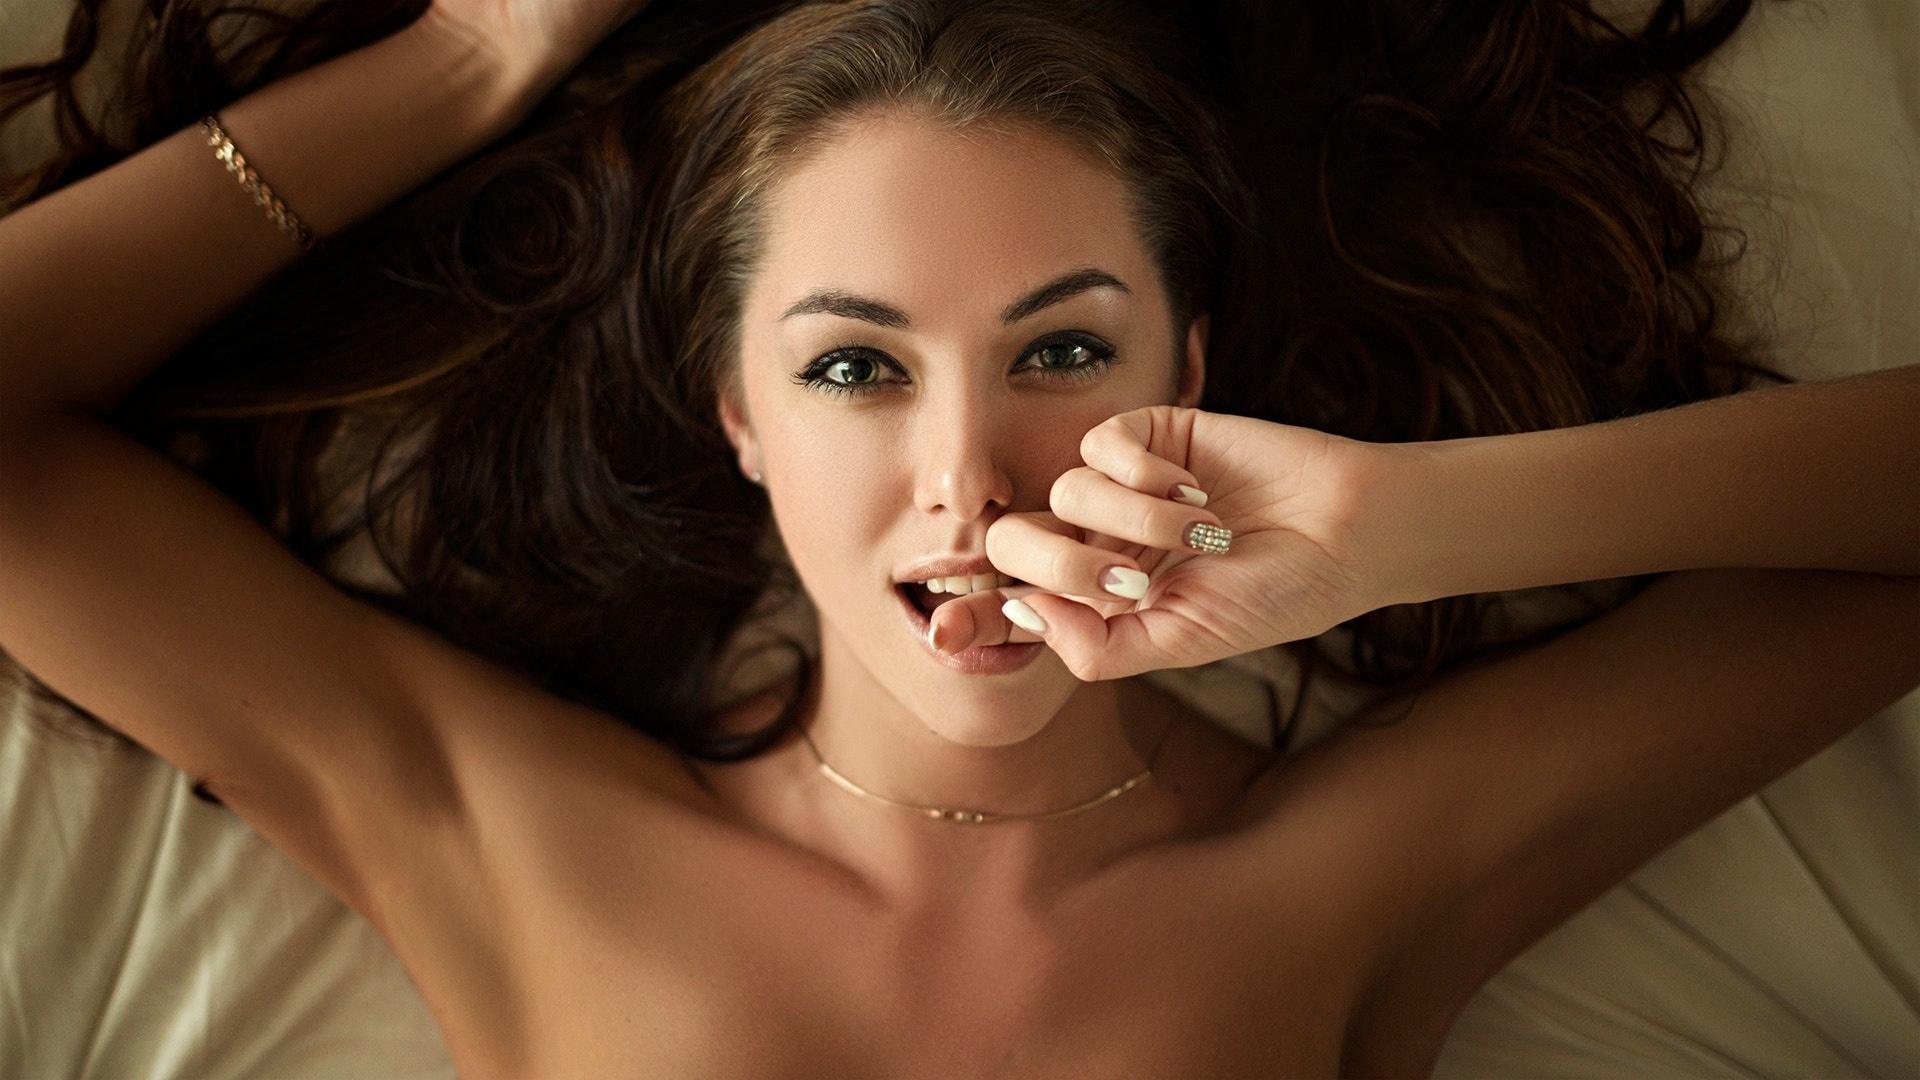 Начальники трахают секс девушки с красивыми ногтями